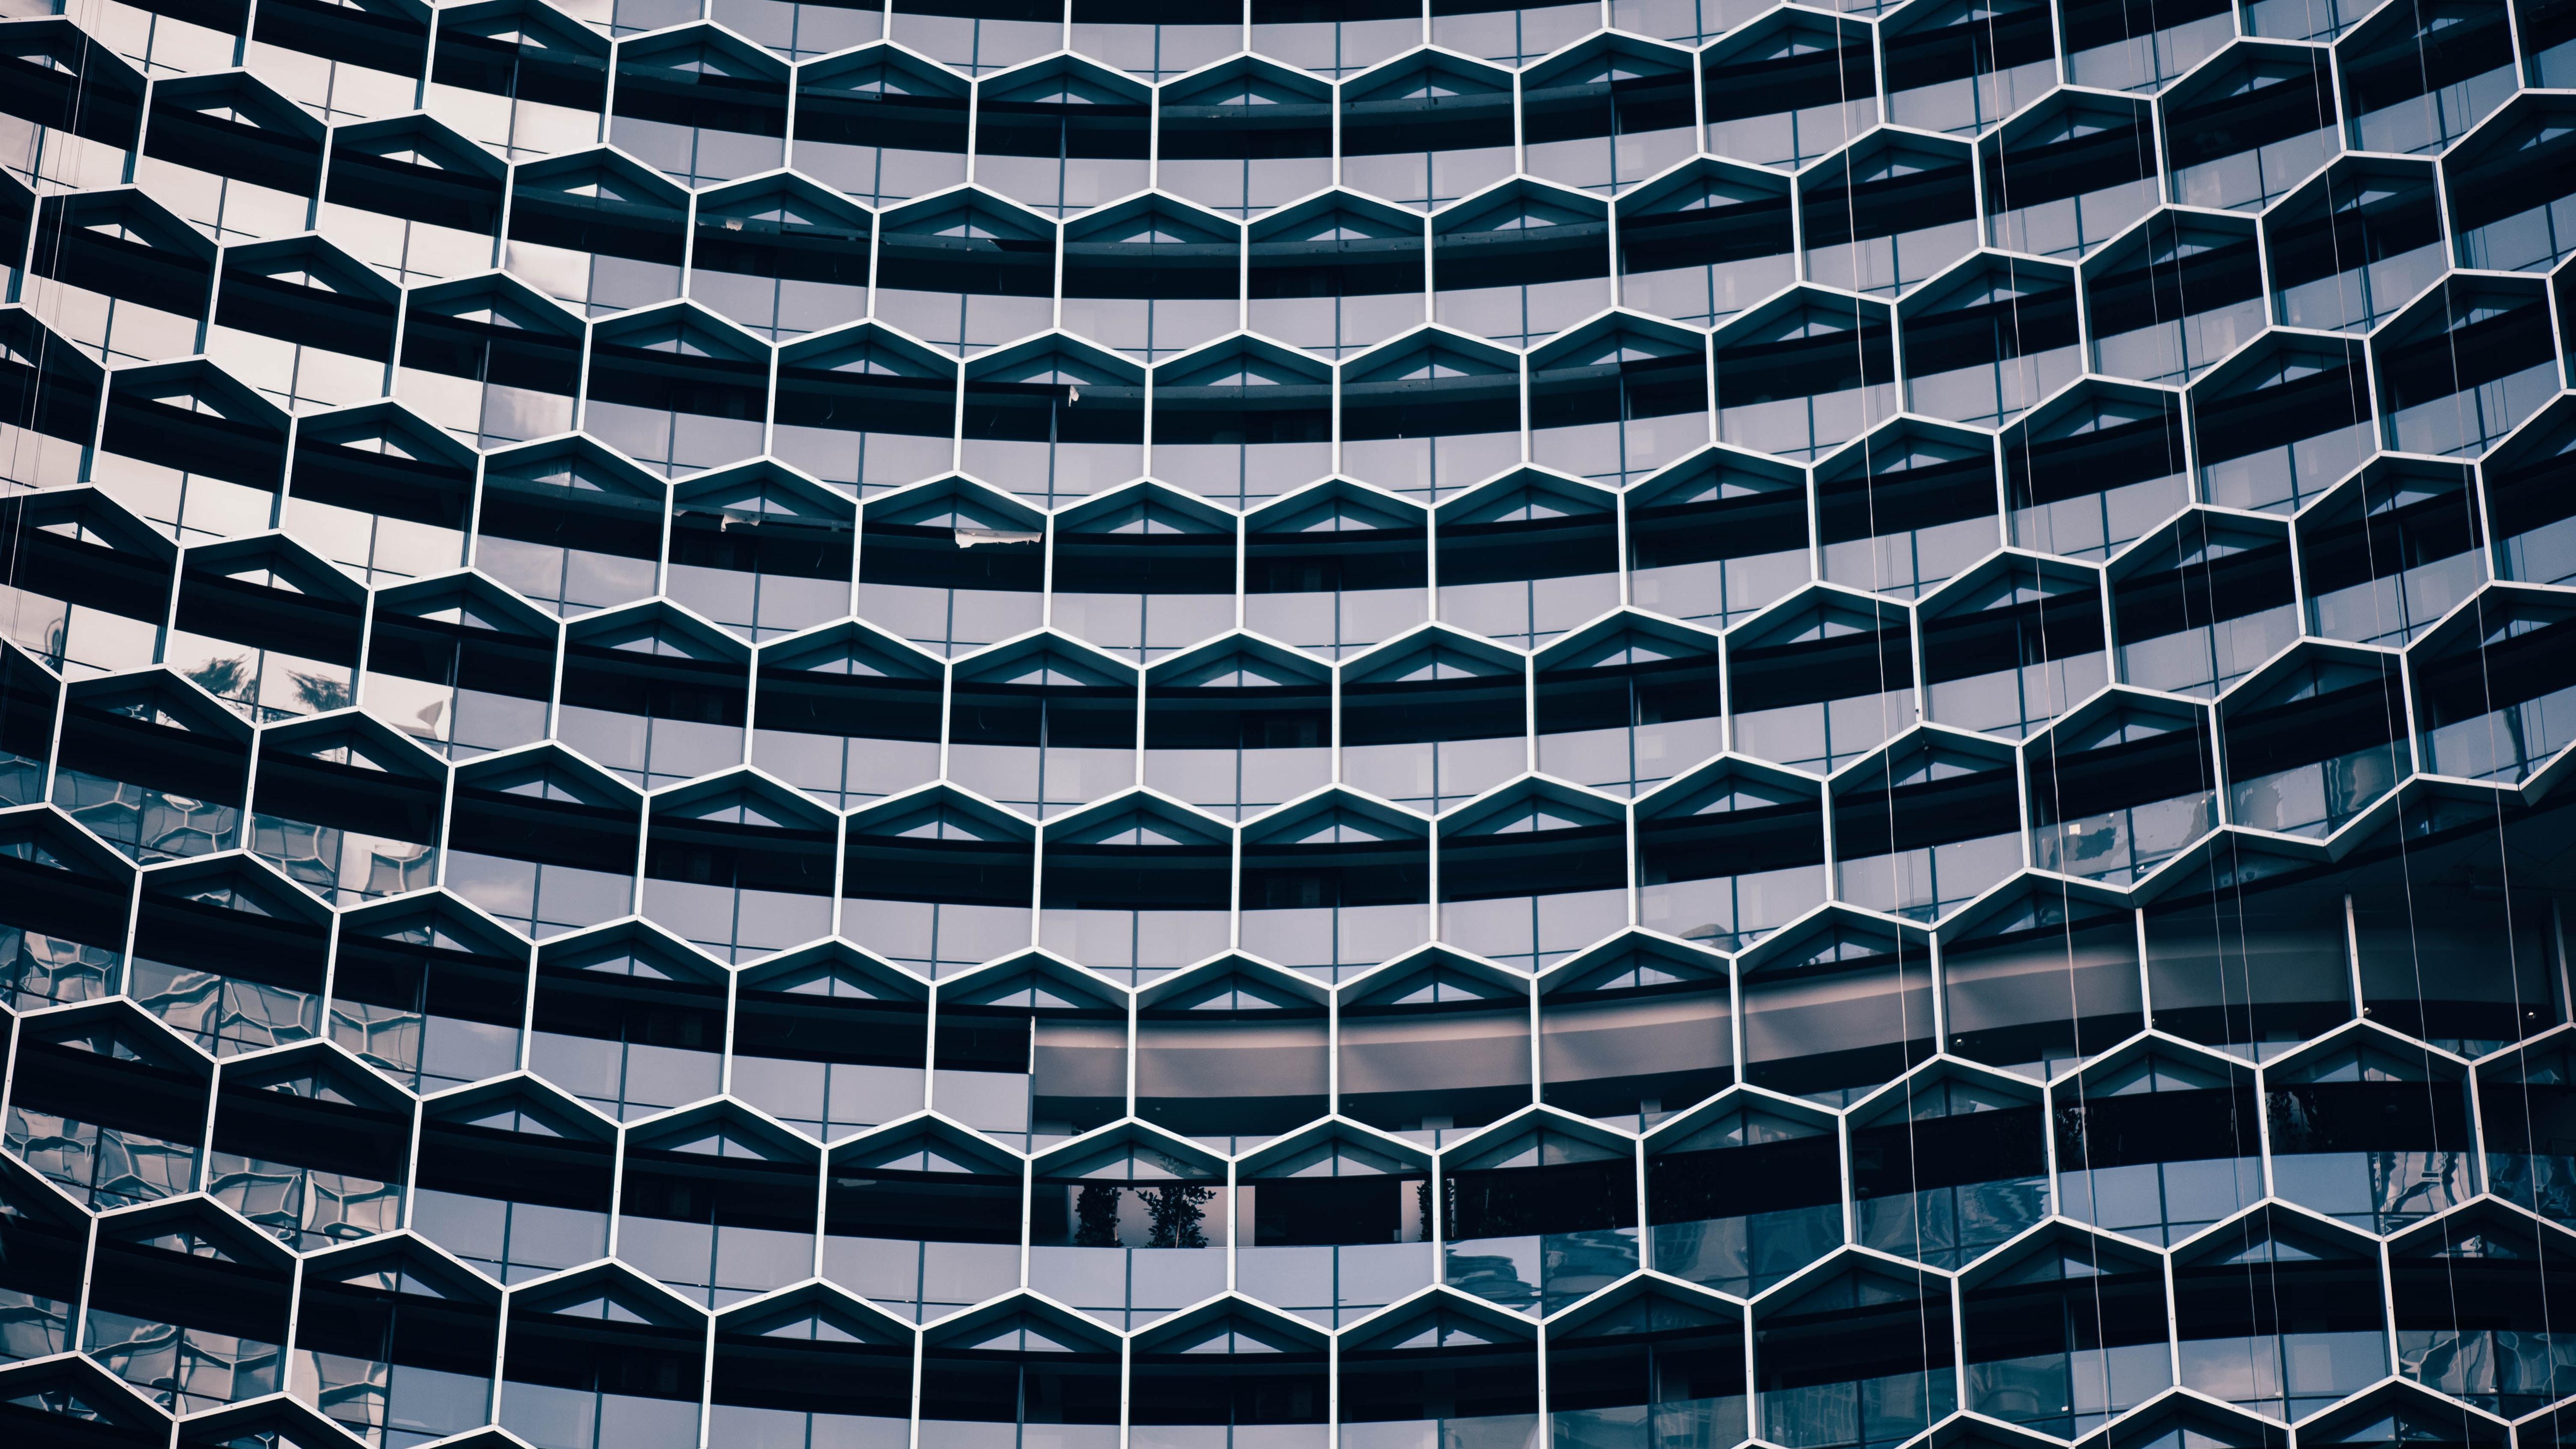 建築建築 窓 1242x2688 Iphone 11 Pro Xs Max 壁紙 背景 画像